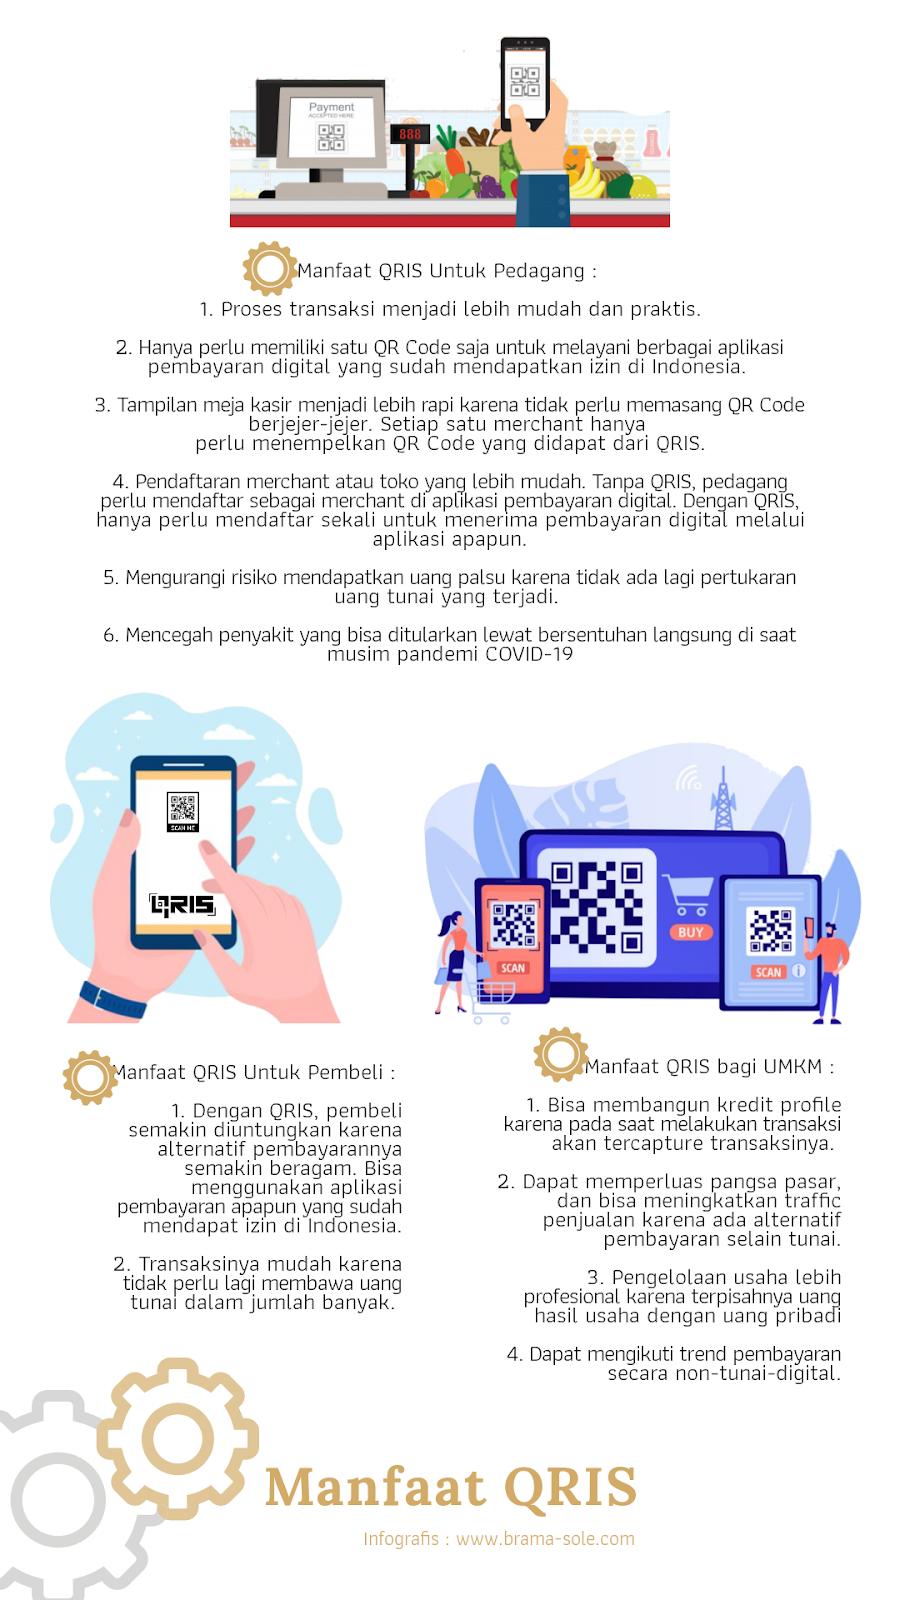 Berikut ini adalah infografis dari manfaat QRIS untuk pedagang, pembeli, dan pelaku UMKM :